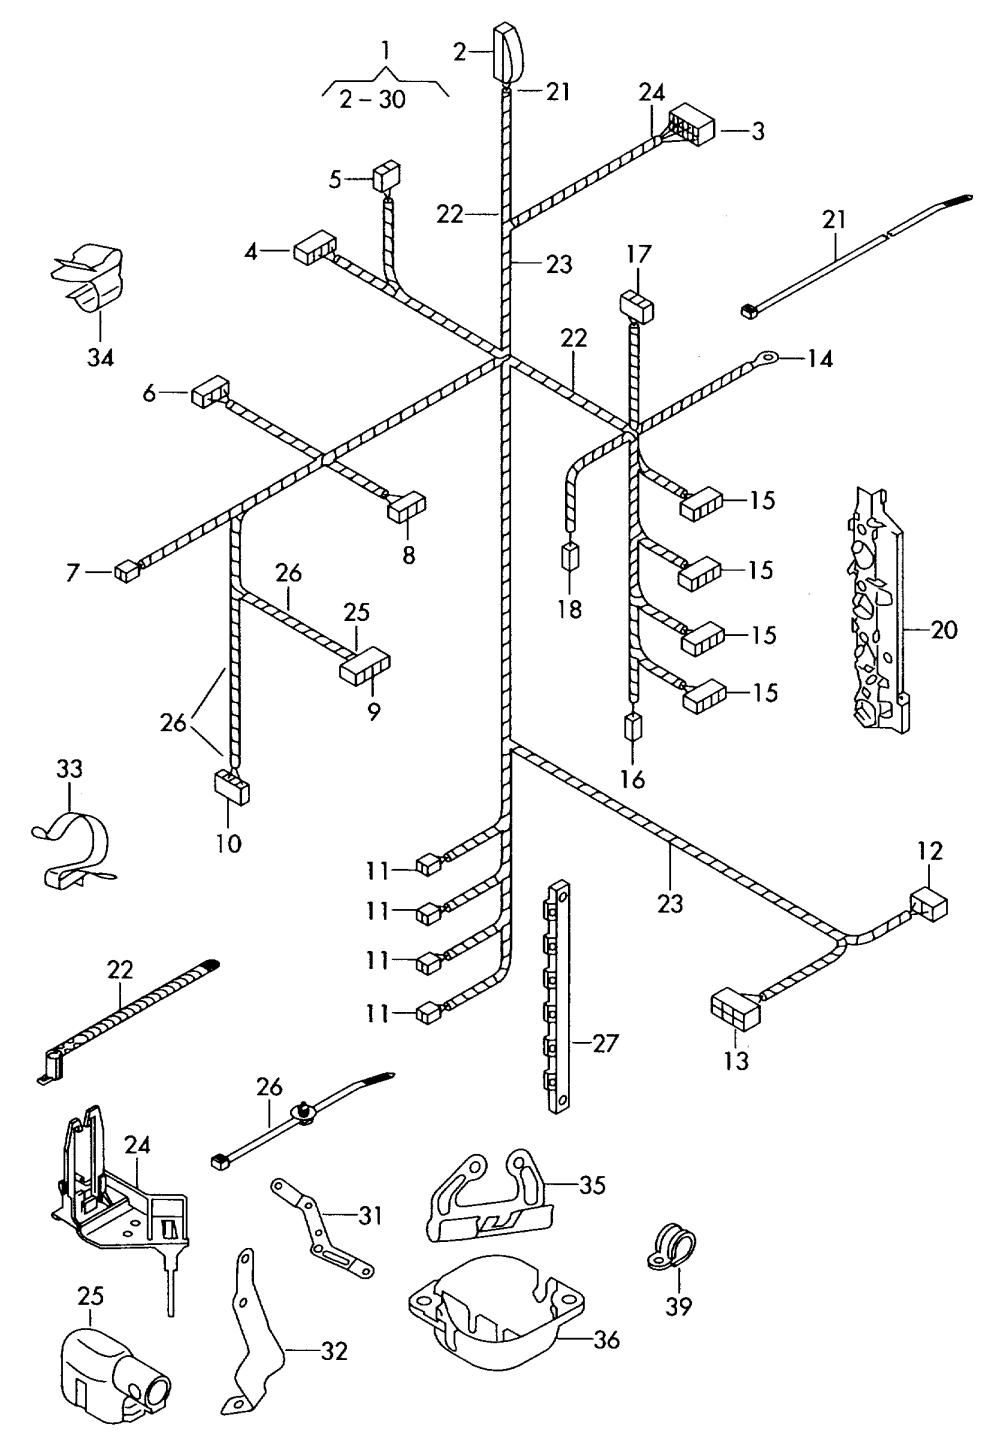 medium resolution of skoda fabia central locking wiring diagram wiring library central locking wiring diagram pajero skoda fabia